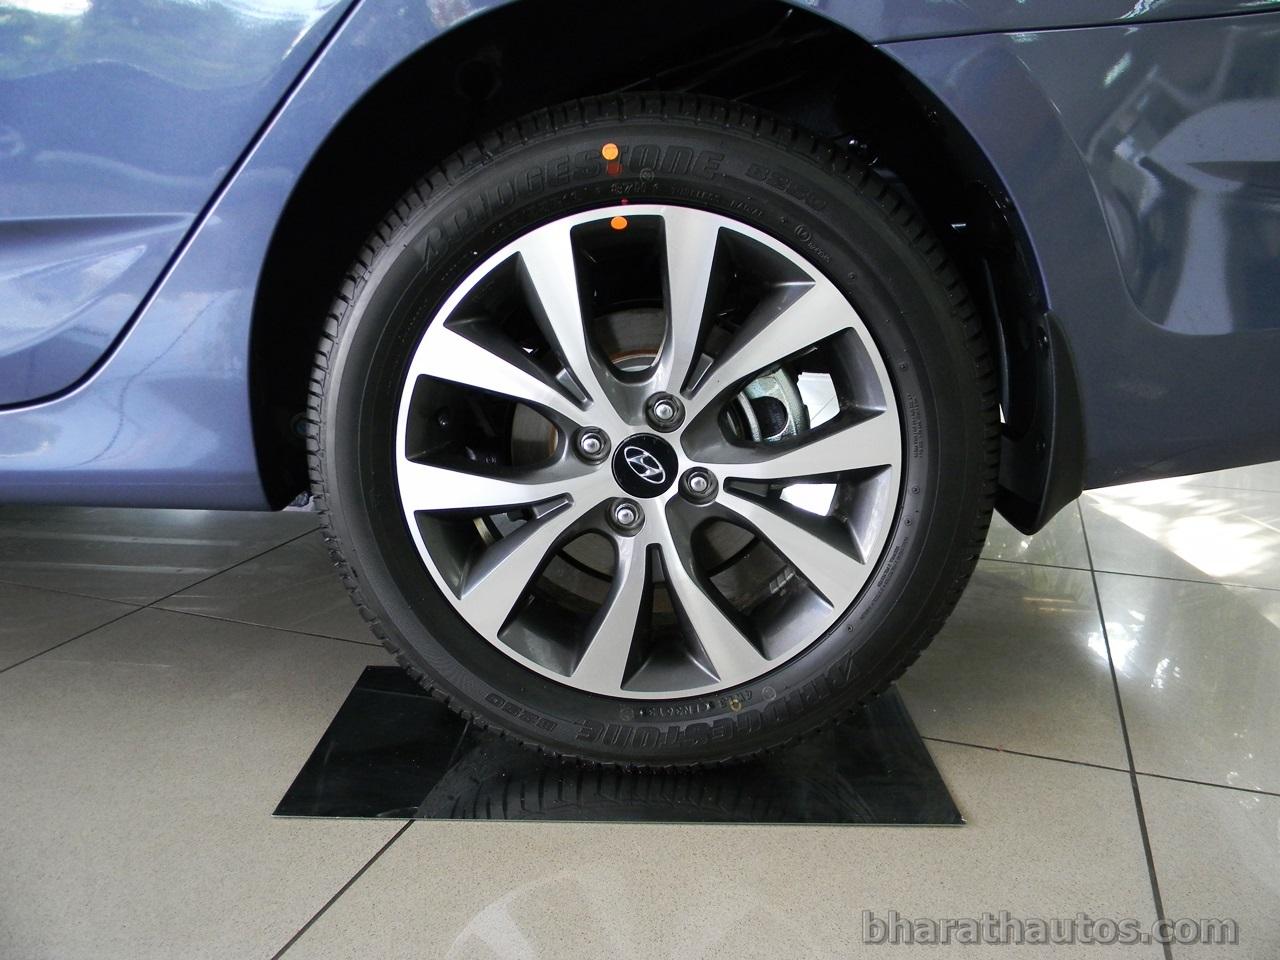 New 2014 Hyundai Verna India Rear Alloy Wheels